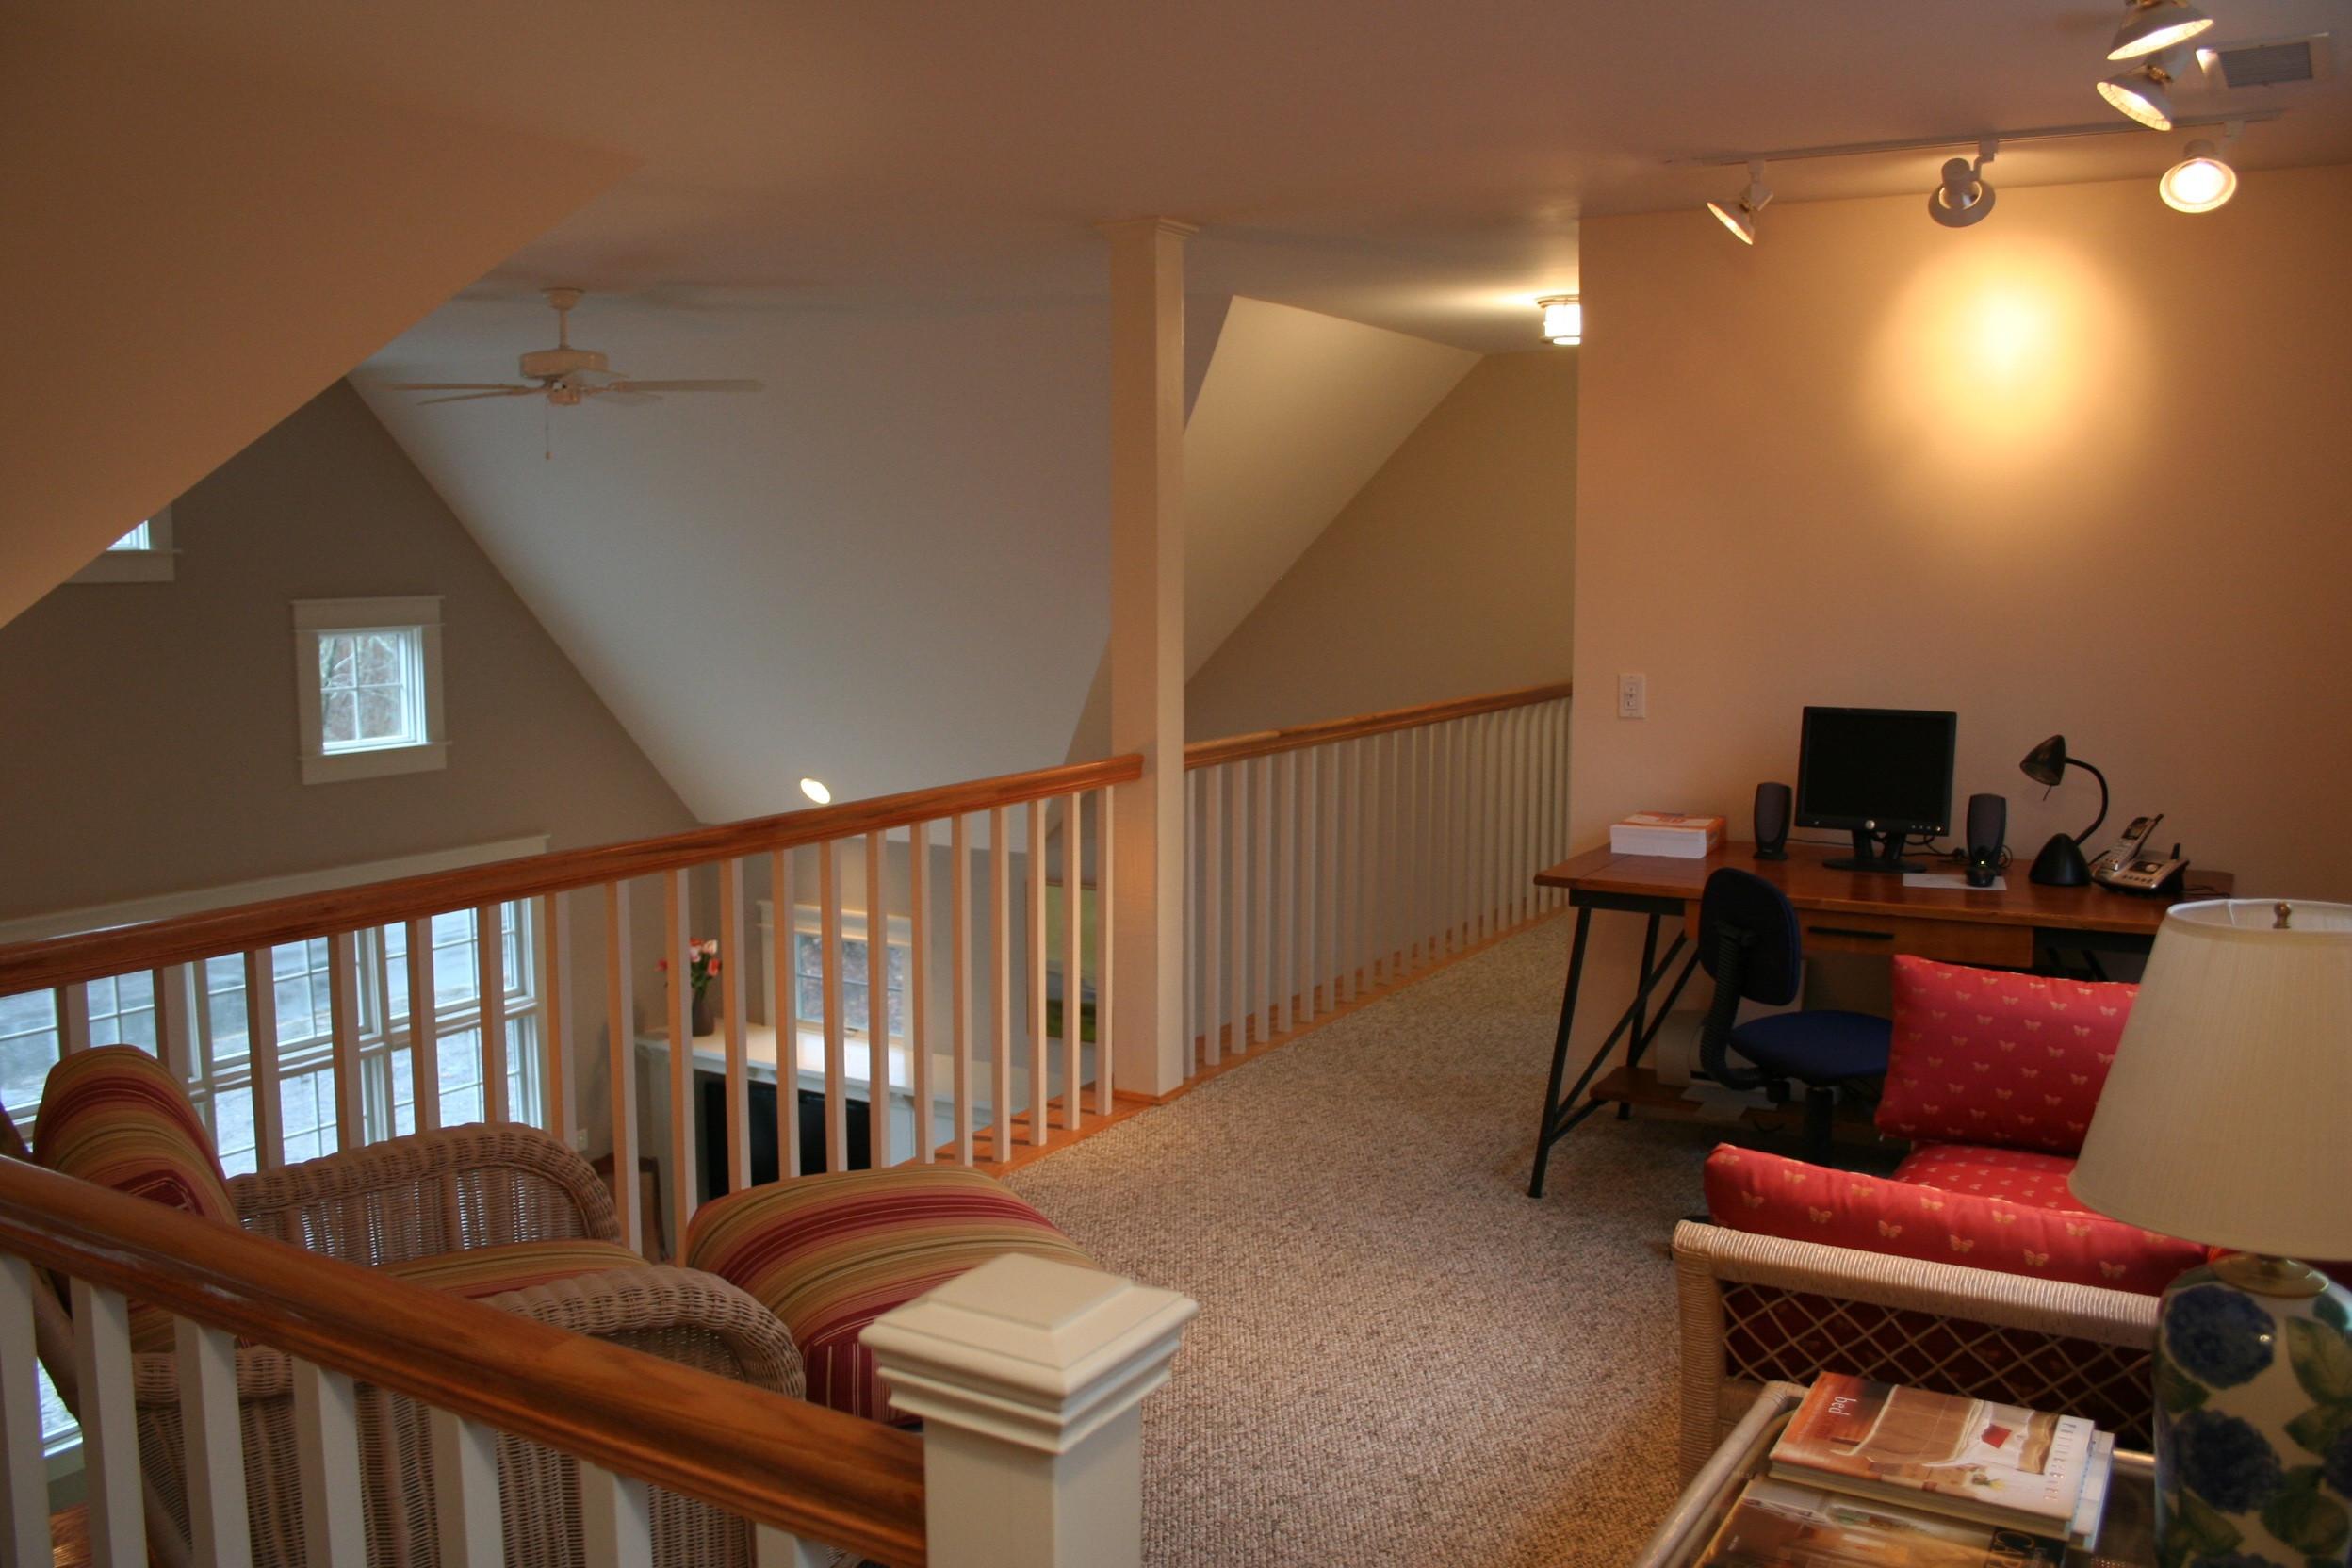 New Cape Cod Home